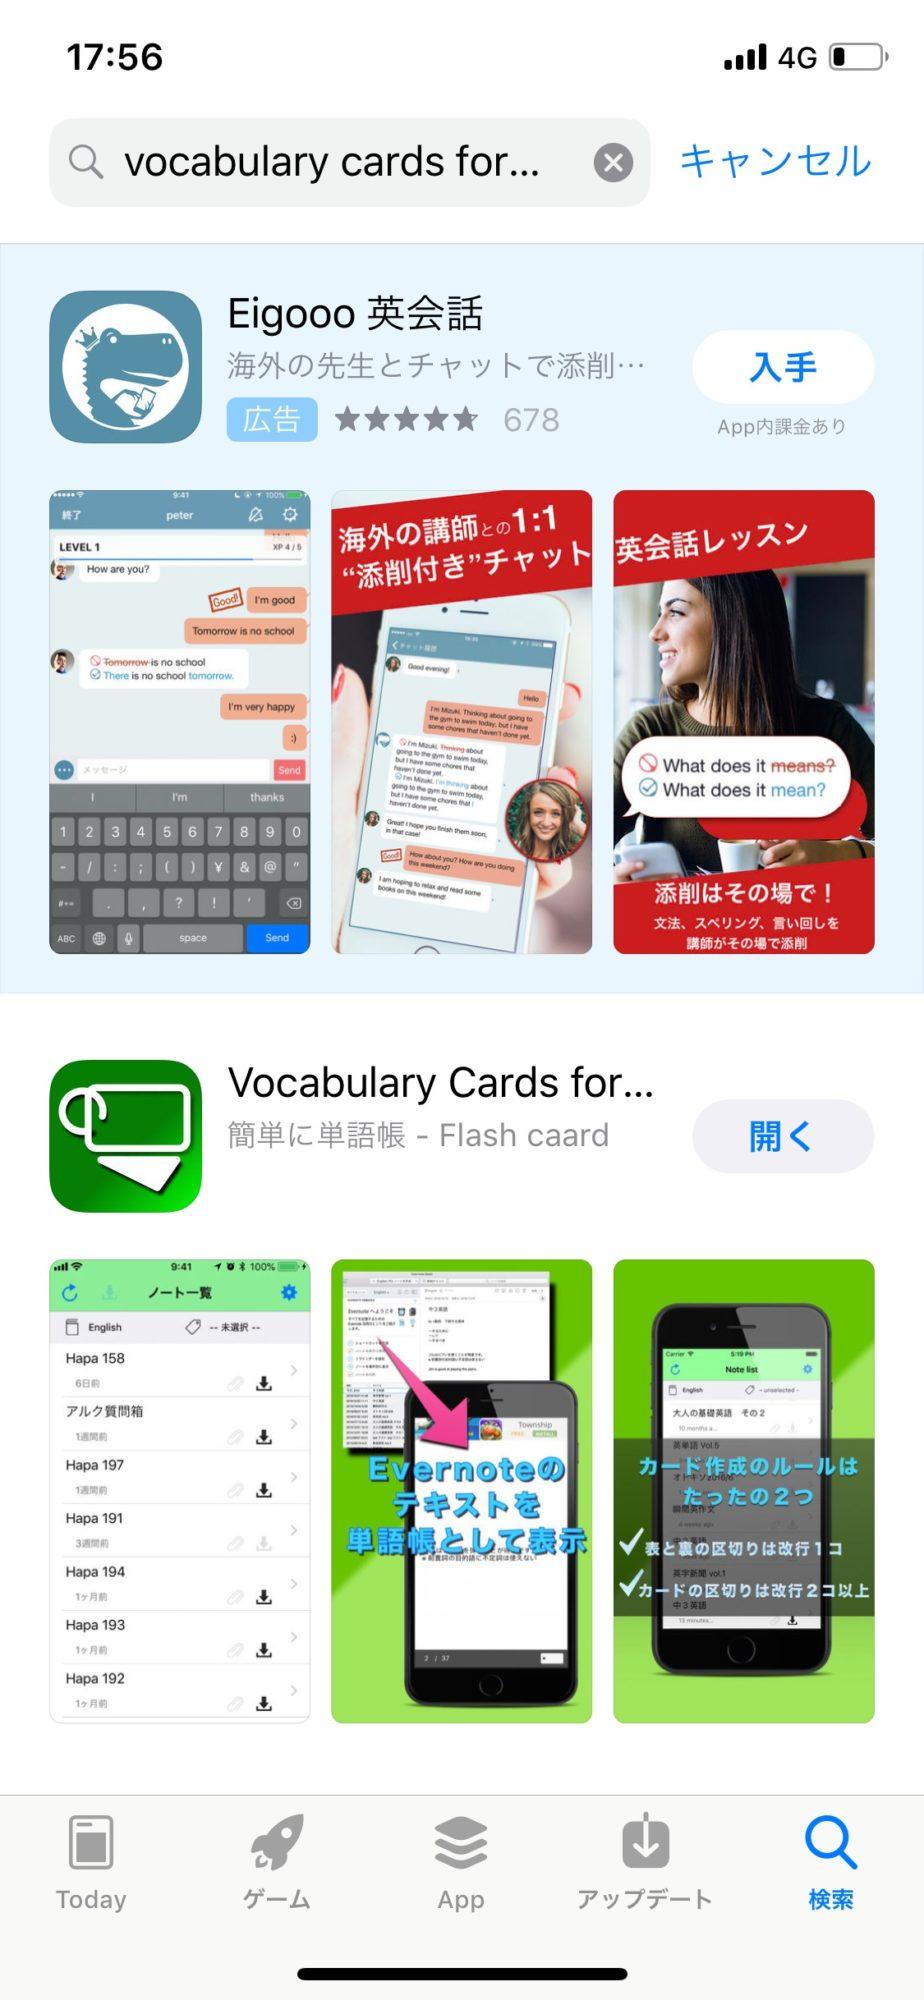 英語のフレーズを覚えるのに使えるアプリ〜Vocabrary cards for Evernoteの使い方〜